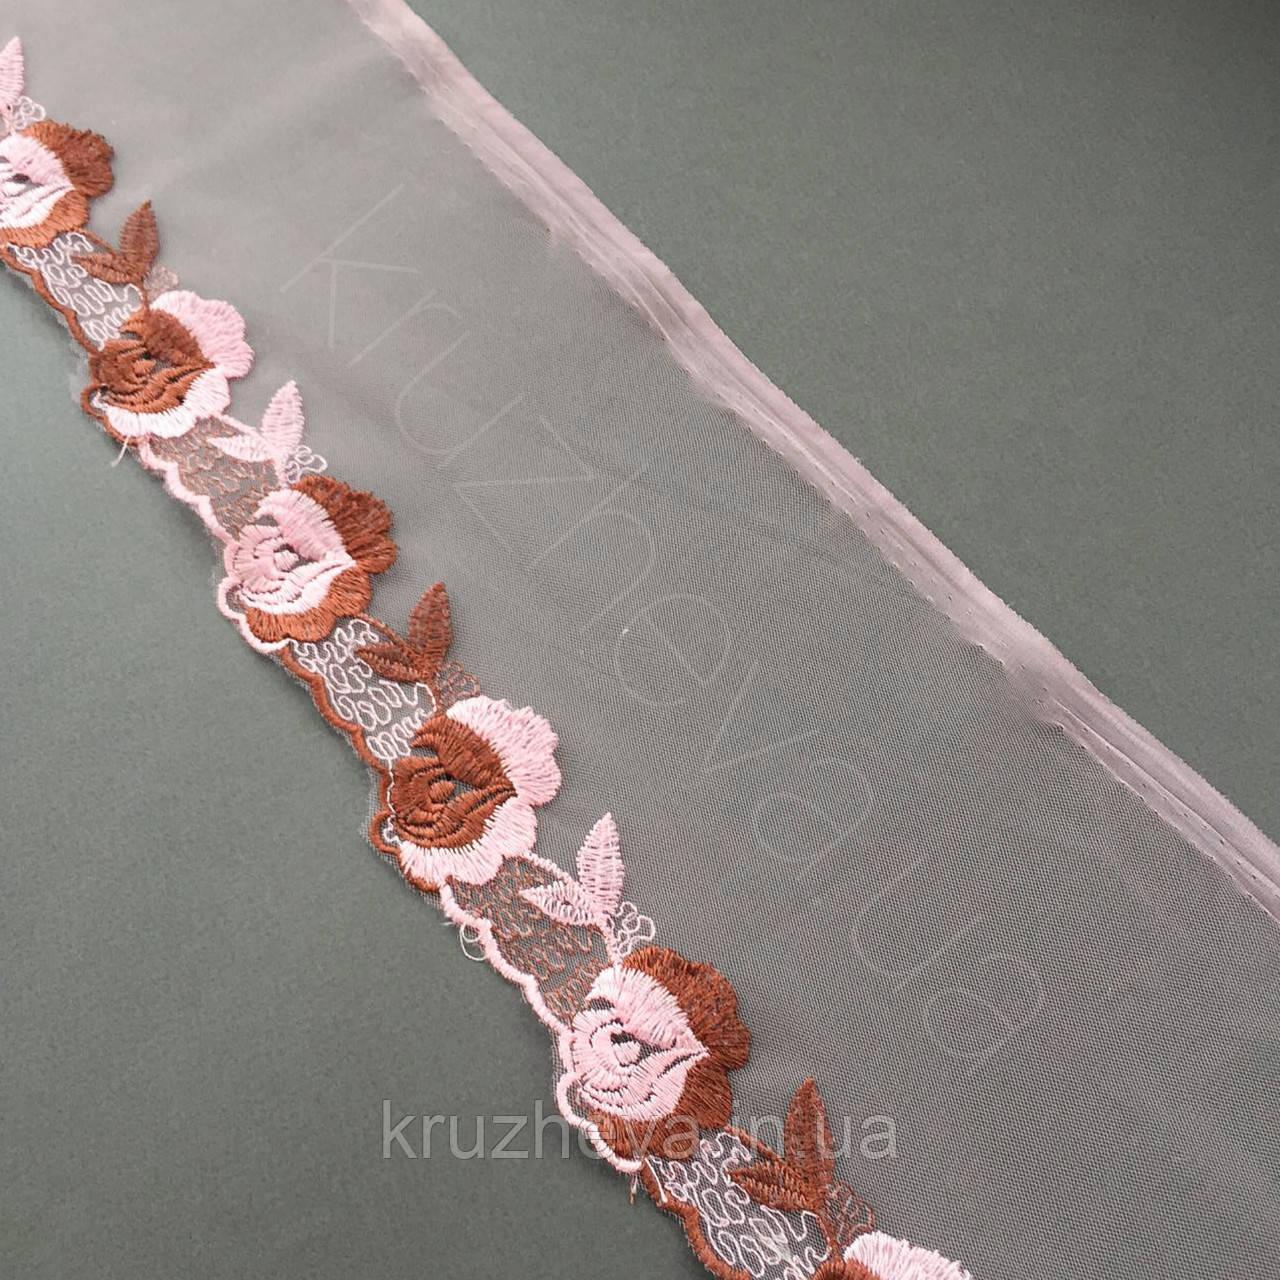 Ажурное кружево вышивка на сетке: розовая и коричневая нить по розовой сетке, ширина 14 см